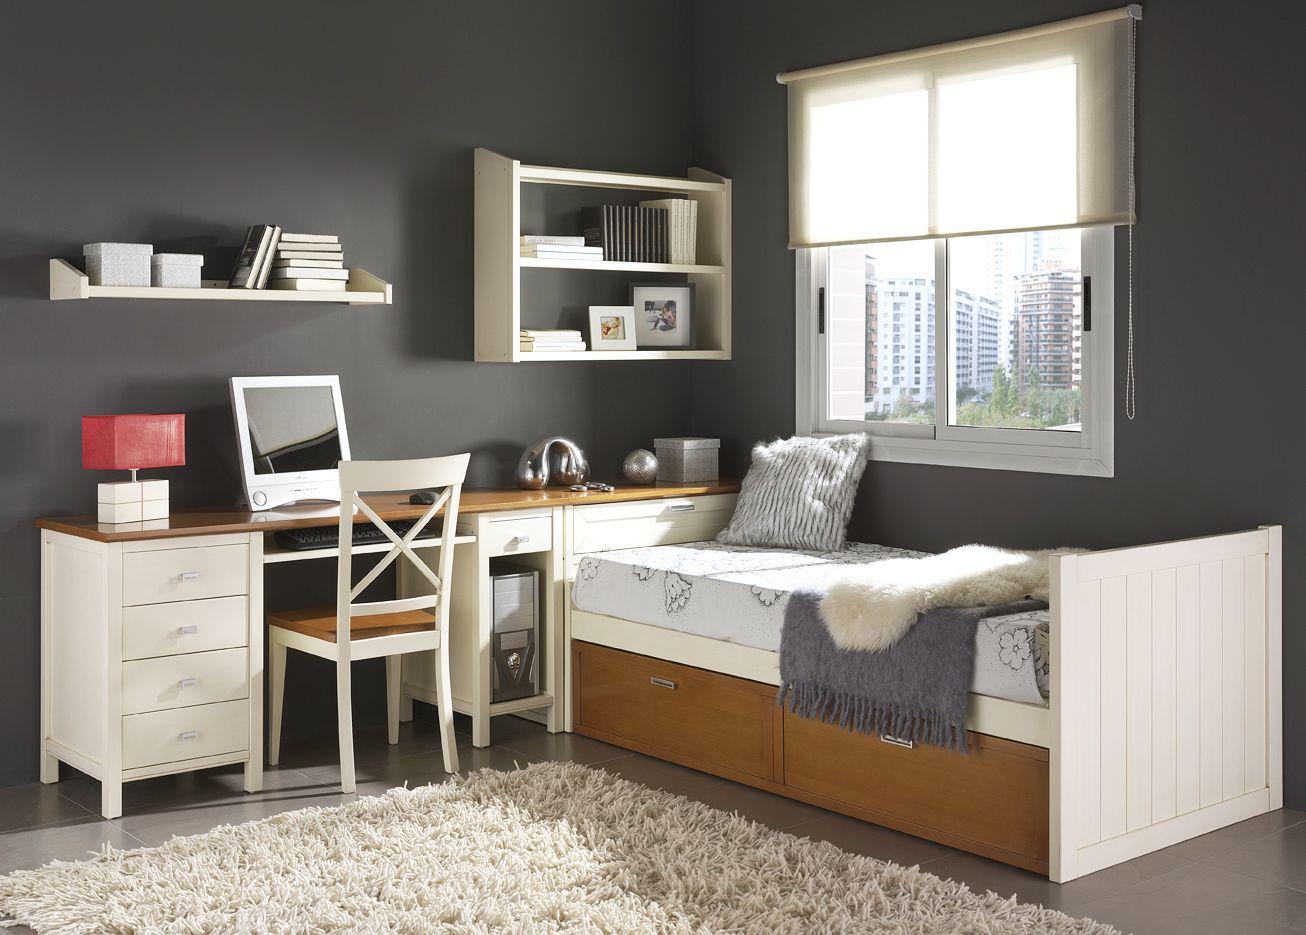 dormitorio juvenil de madera cama nido y con escritorio